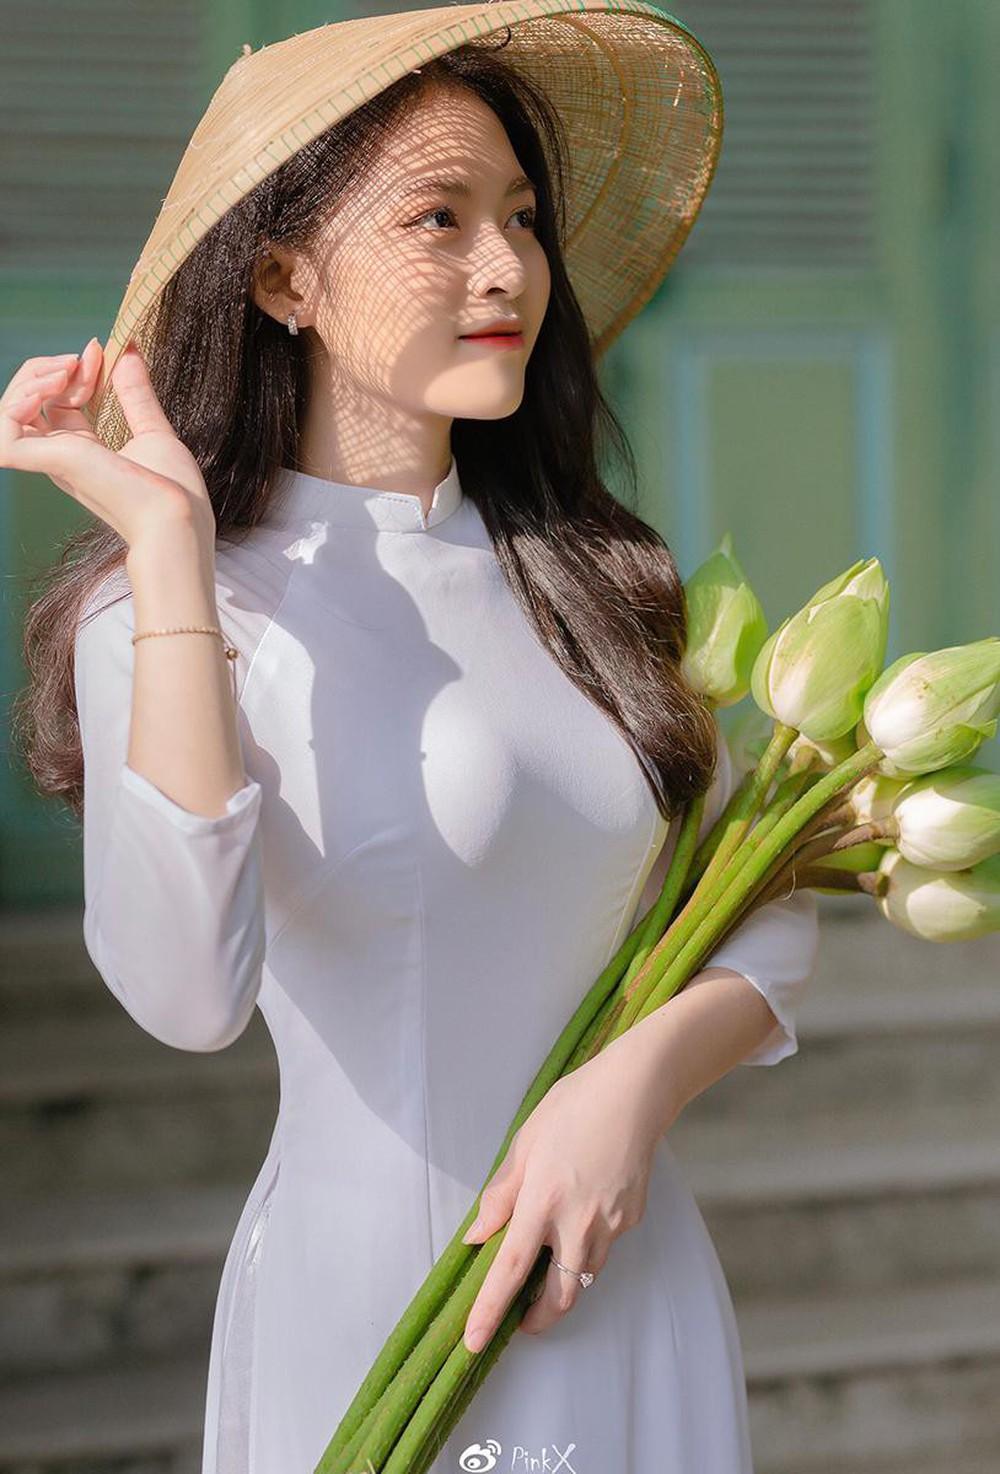 Hoa khôi trường Y sở hữu vẻ đẹp ngọt ngào gây thương nhớ trong tà áo dài - Ảnh 4.